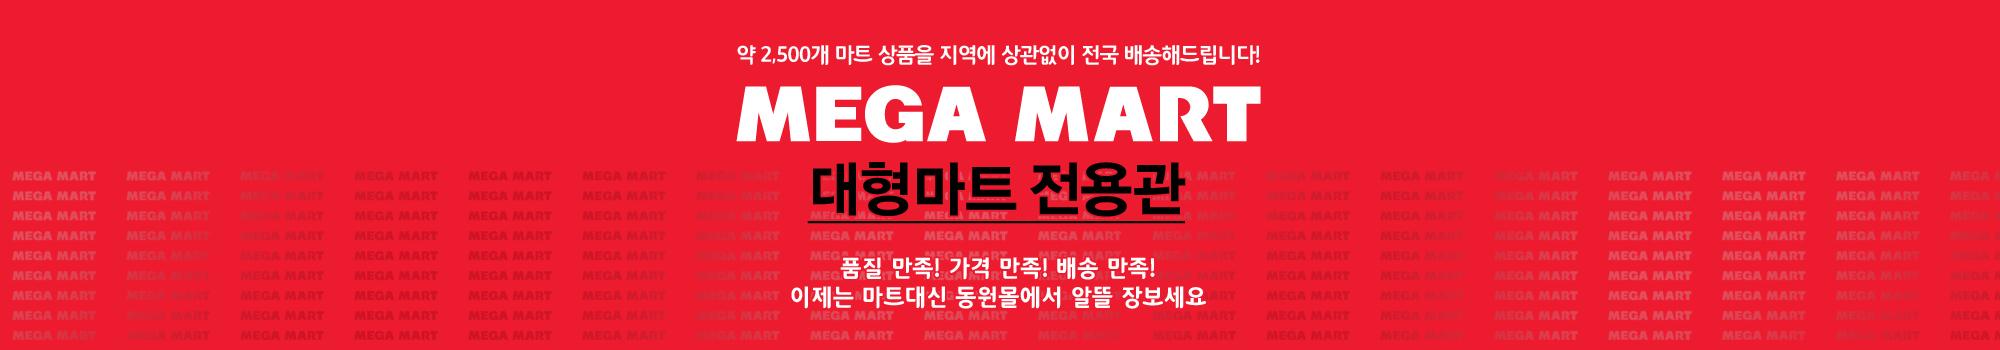 약 2,500개 마트 상품을 지역에 상관없이 전국 배송해드립니다!  MEGA MART 대형마트 전용관 품질 만족! 가격 만족! 배송 만족! 이제는 마트대신 동원몰에서 알뜰 장보세요